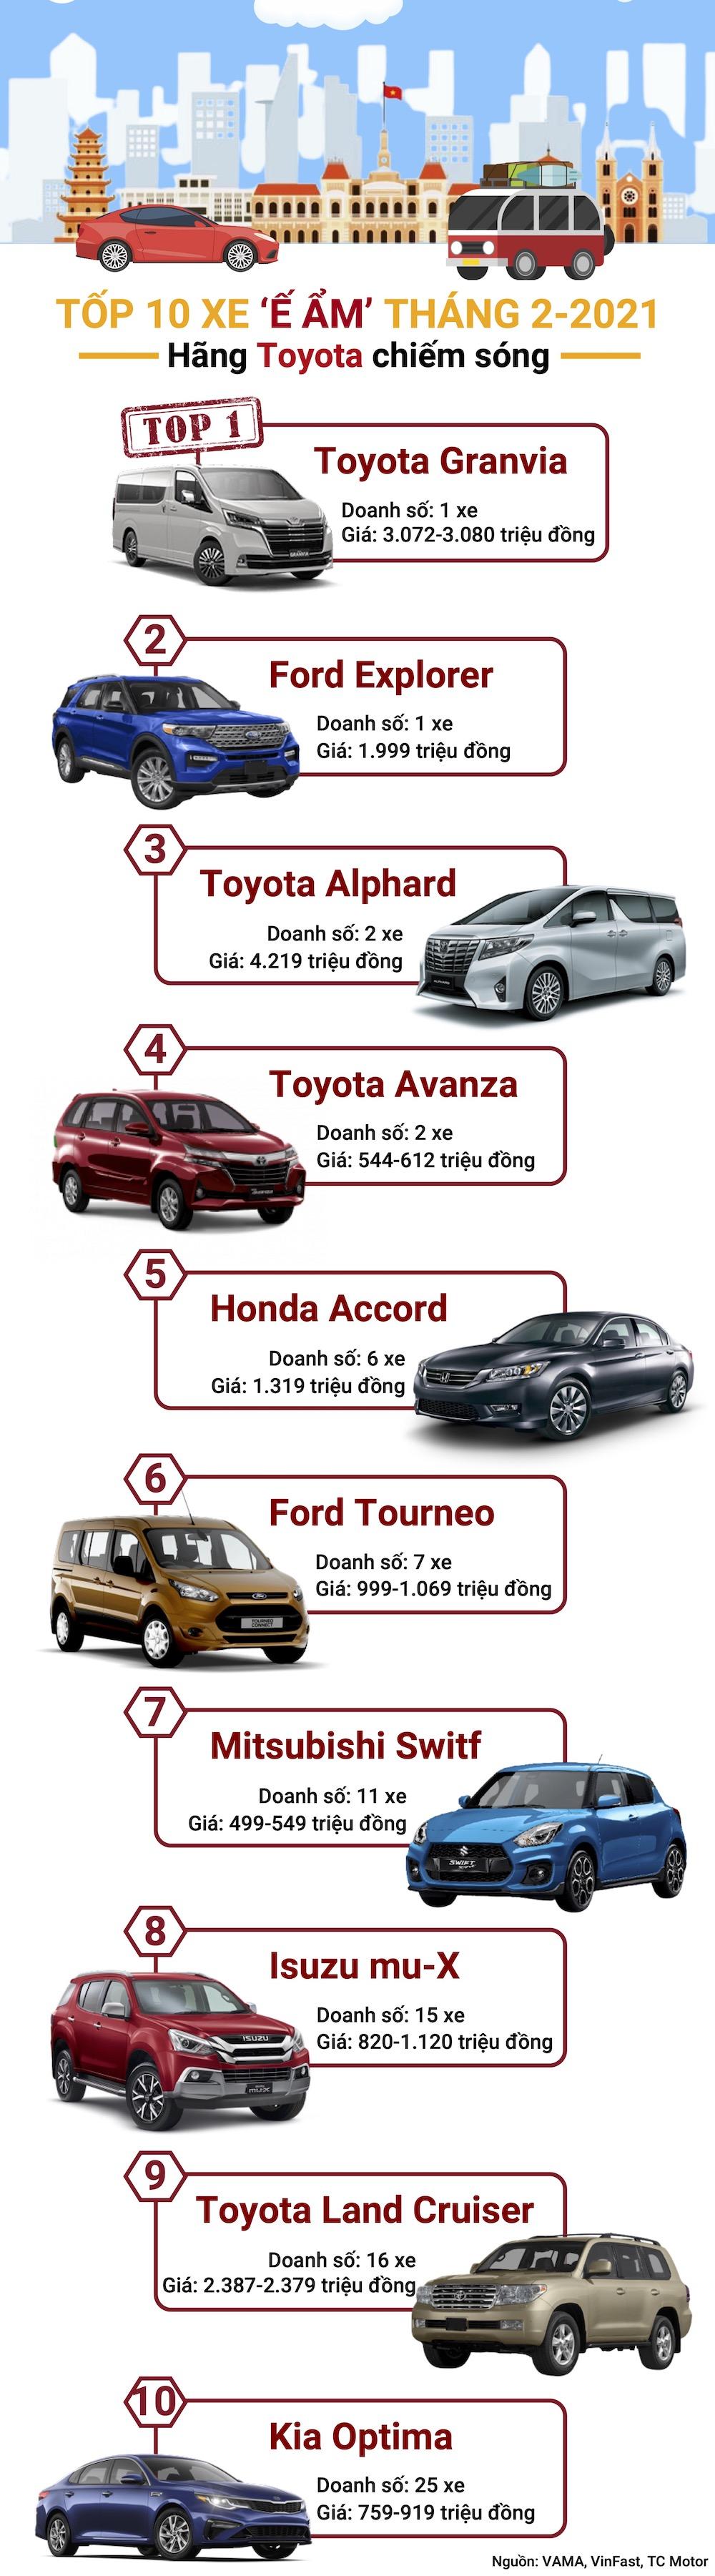 Tốp 10 xe 'ế ẩm' tháng 2: hãng Toyota chiếm sóng - 1